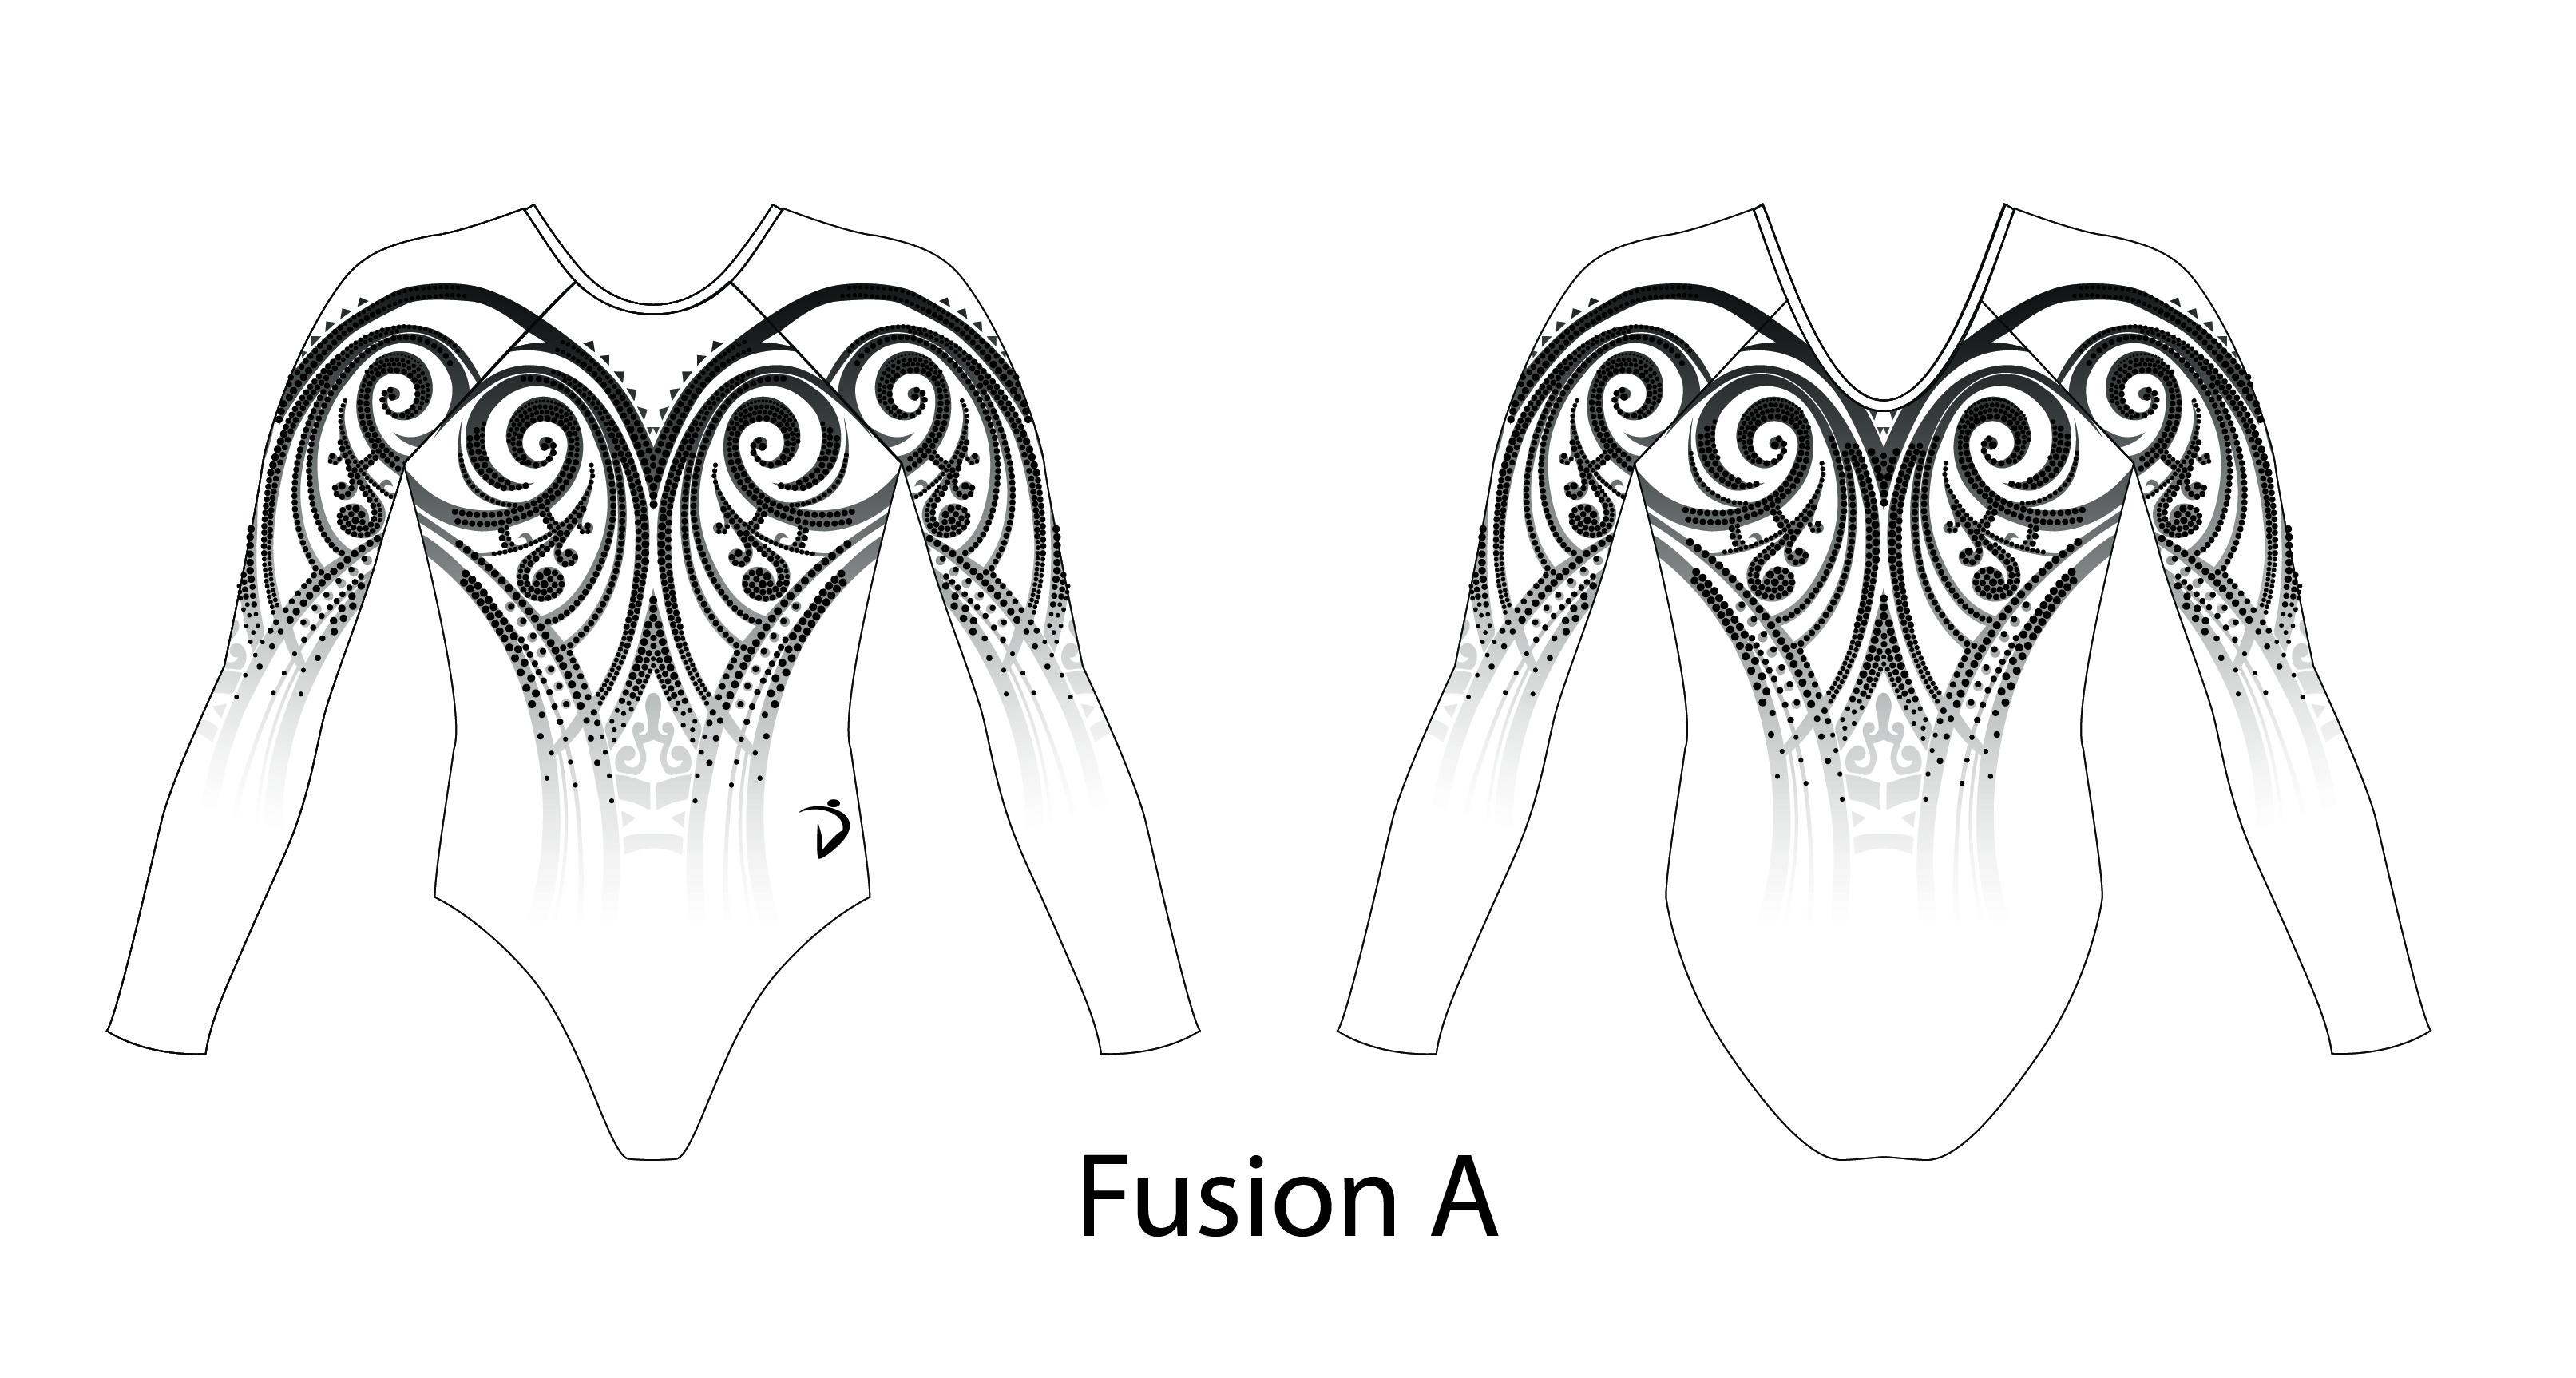 Fusion A